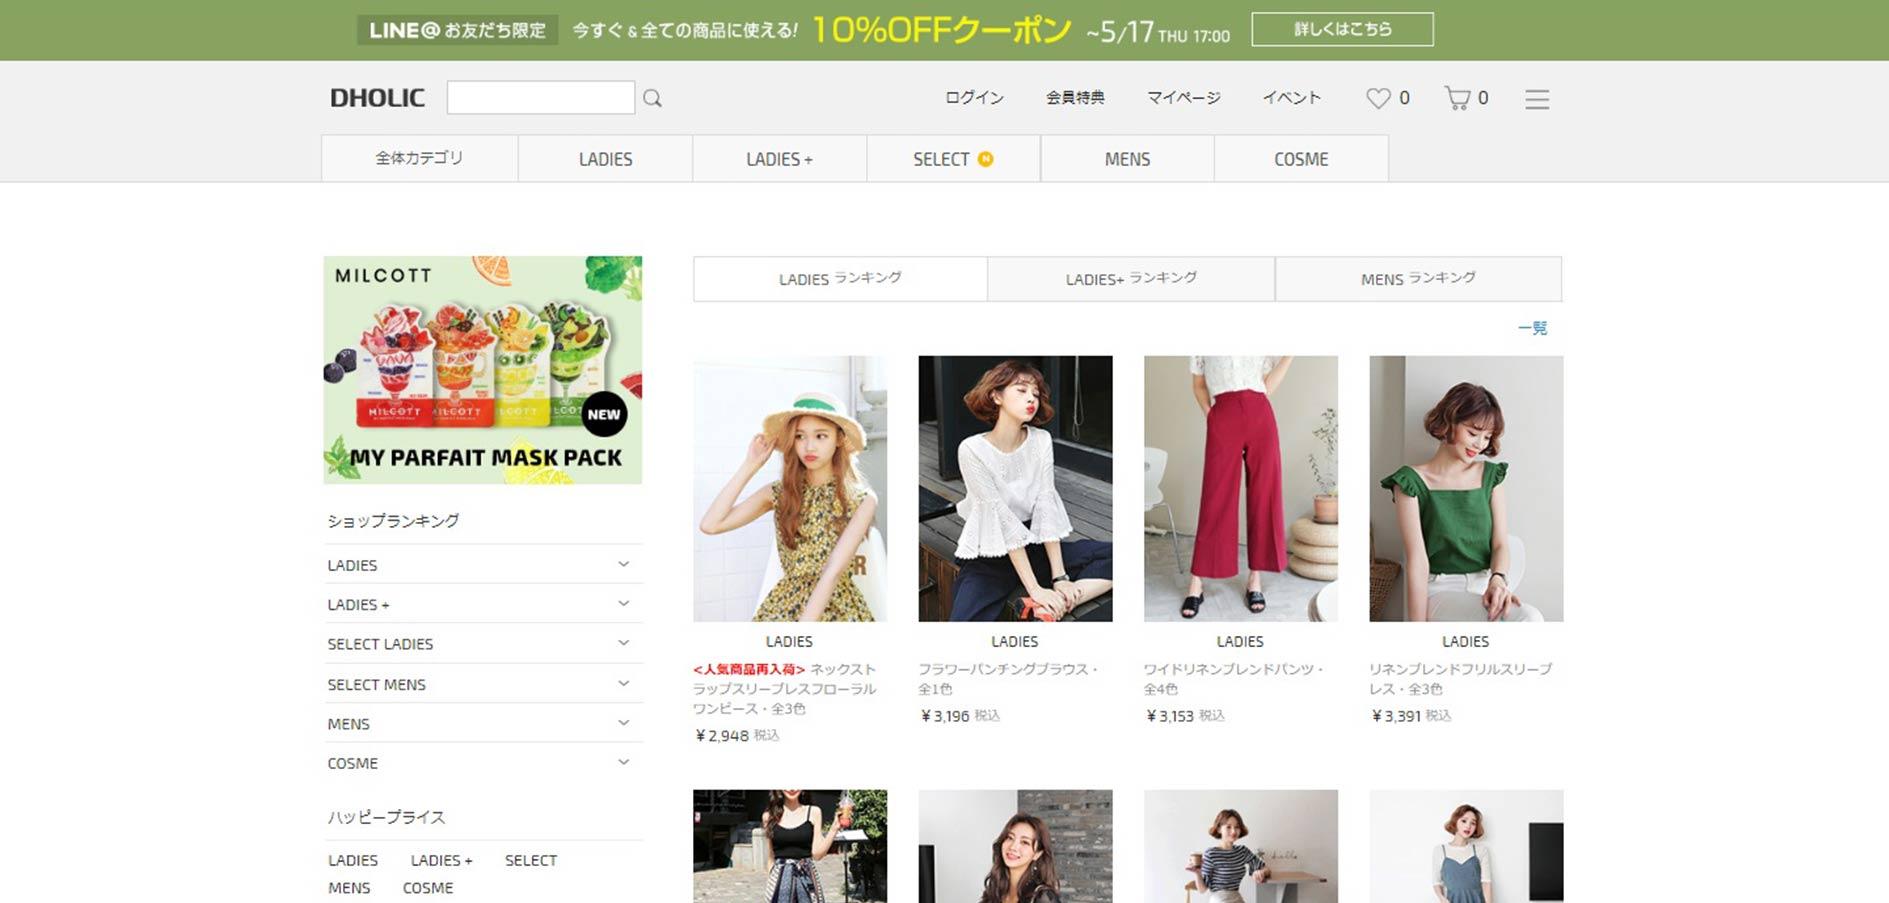 おすすめ韓国服通販サイトのDHOLIC(ディーホリック)